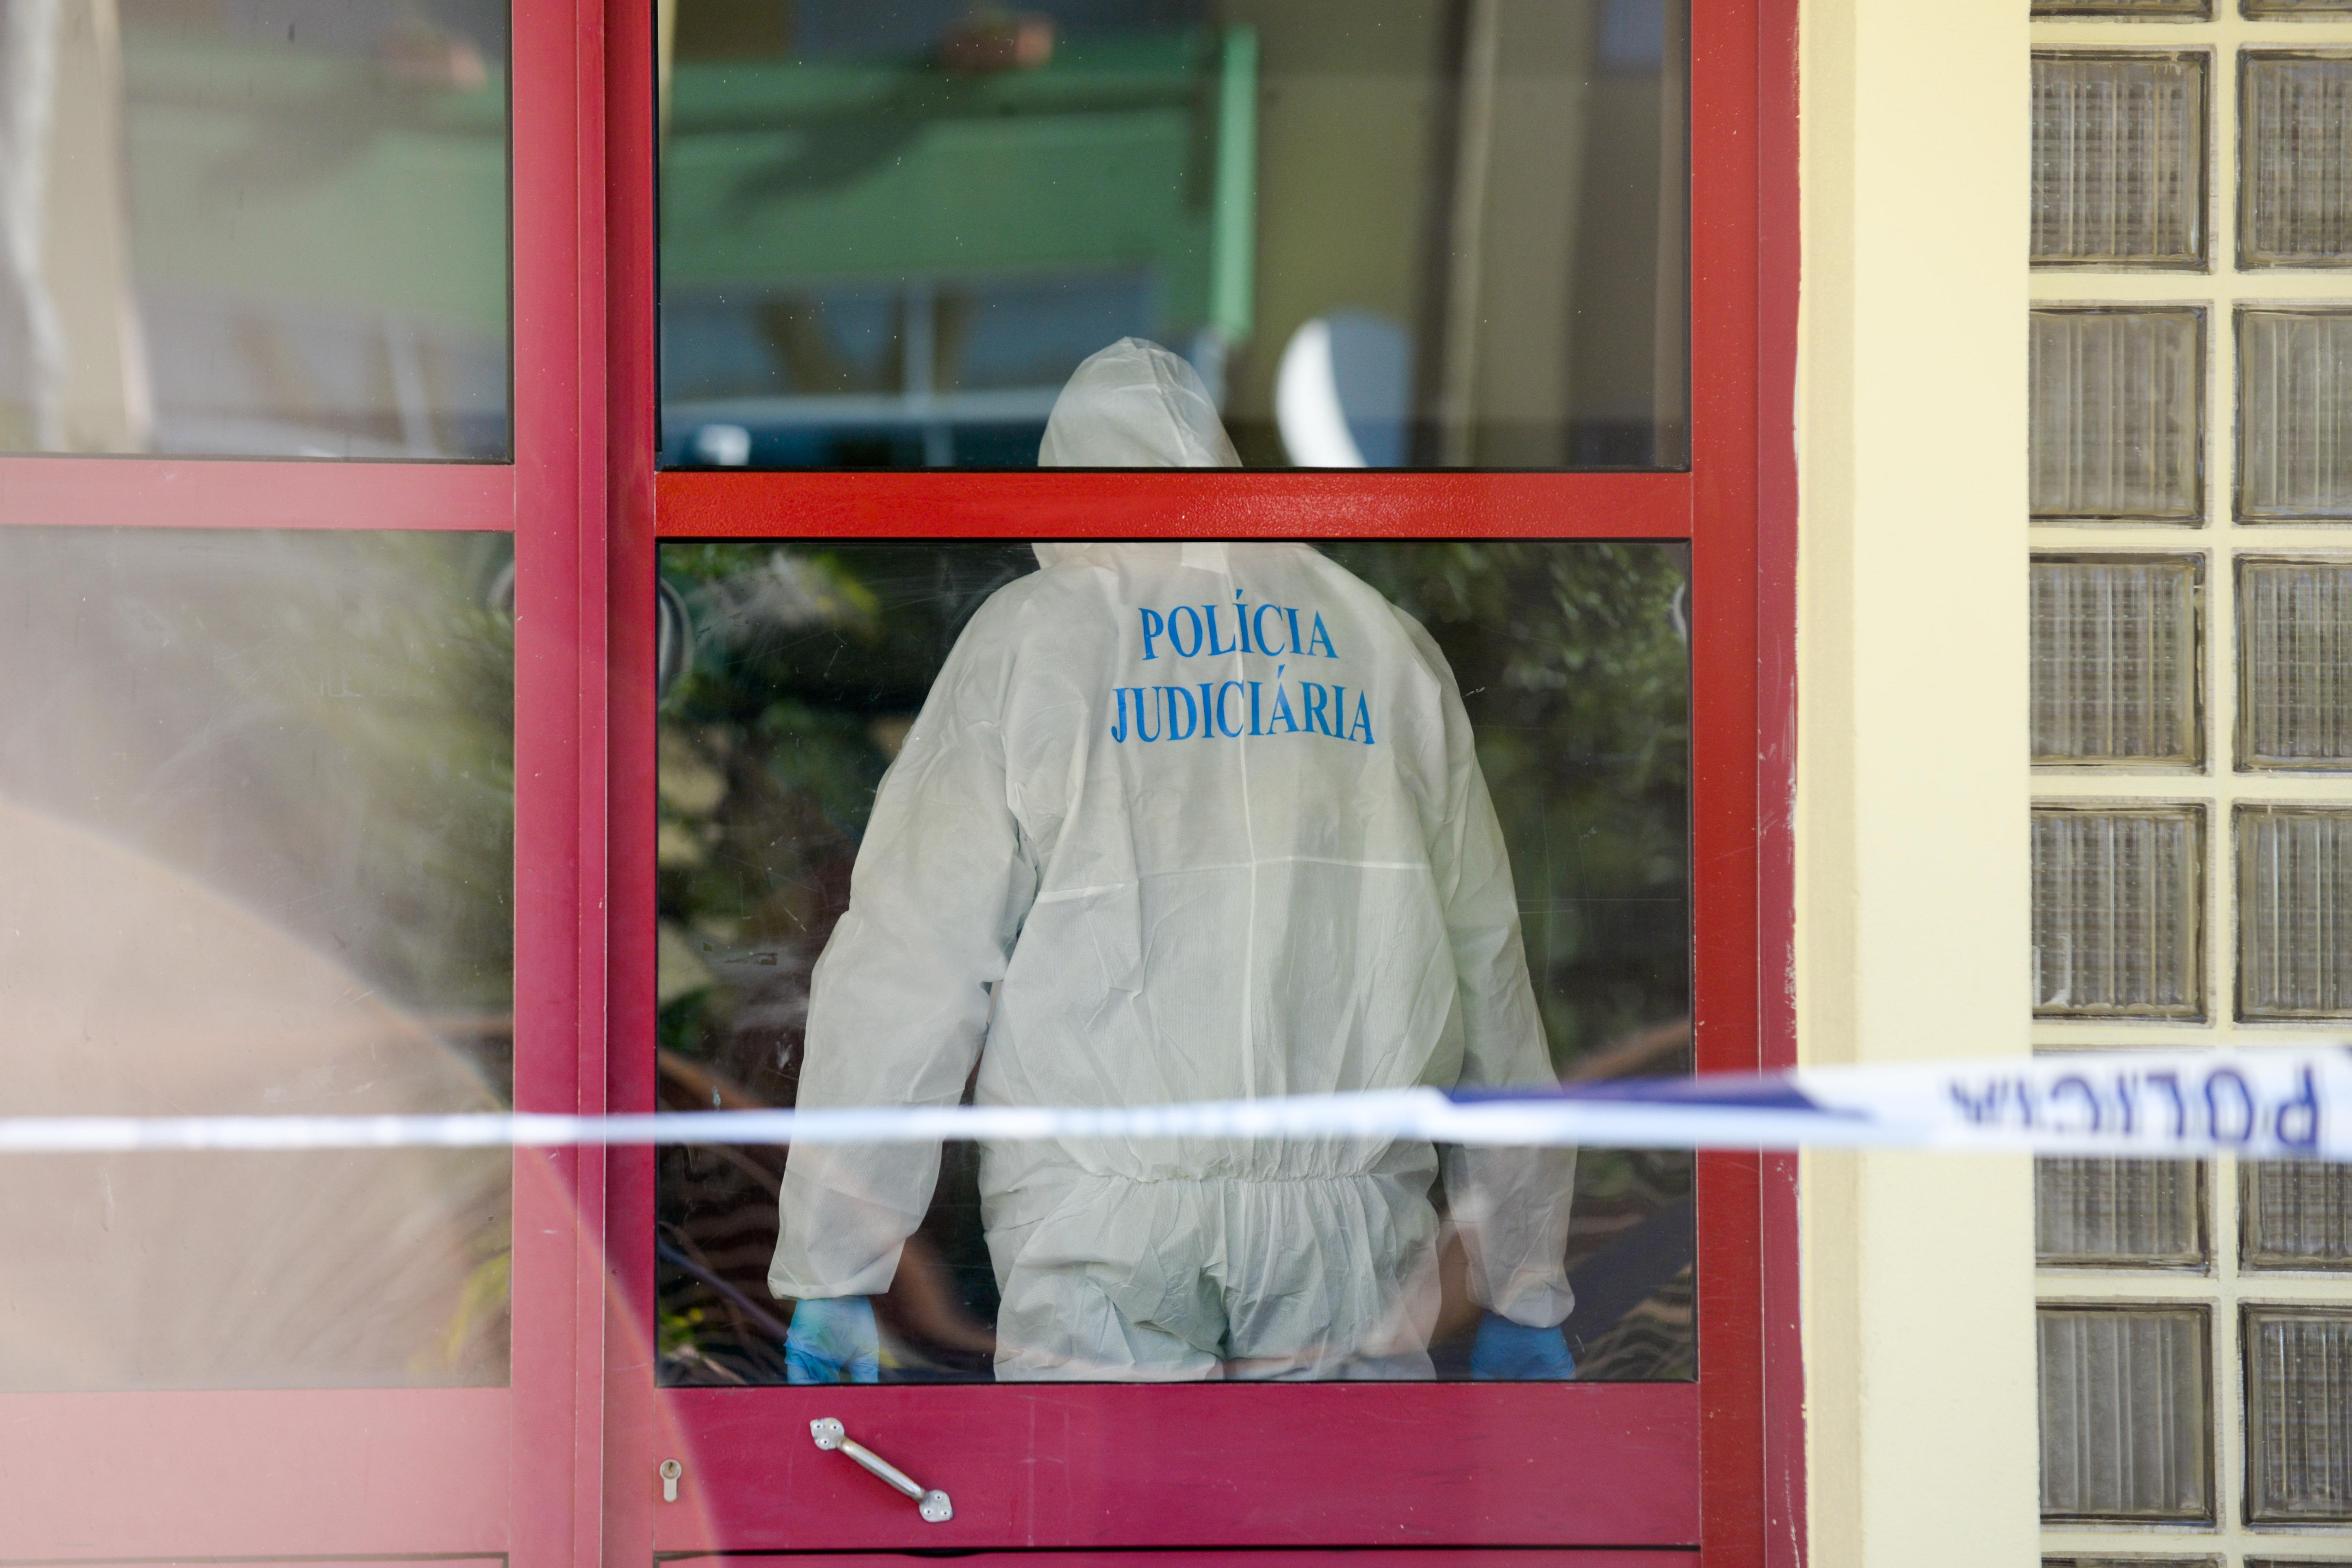 CDOS confirma vítima baleada em escola na Nazaré